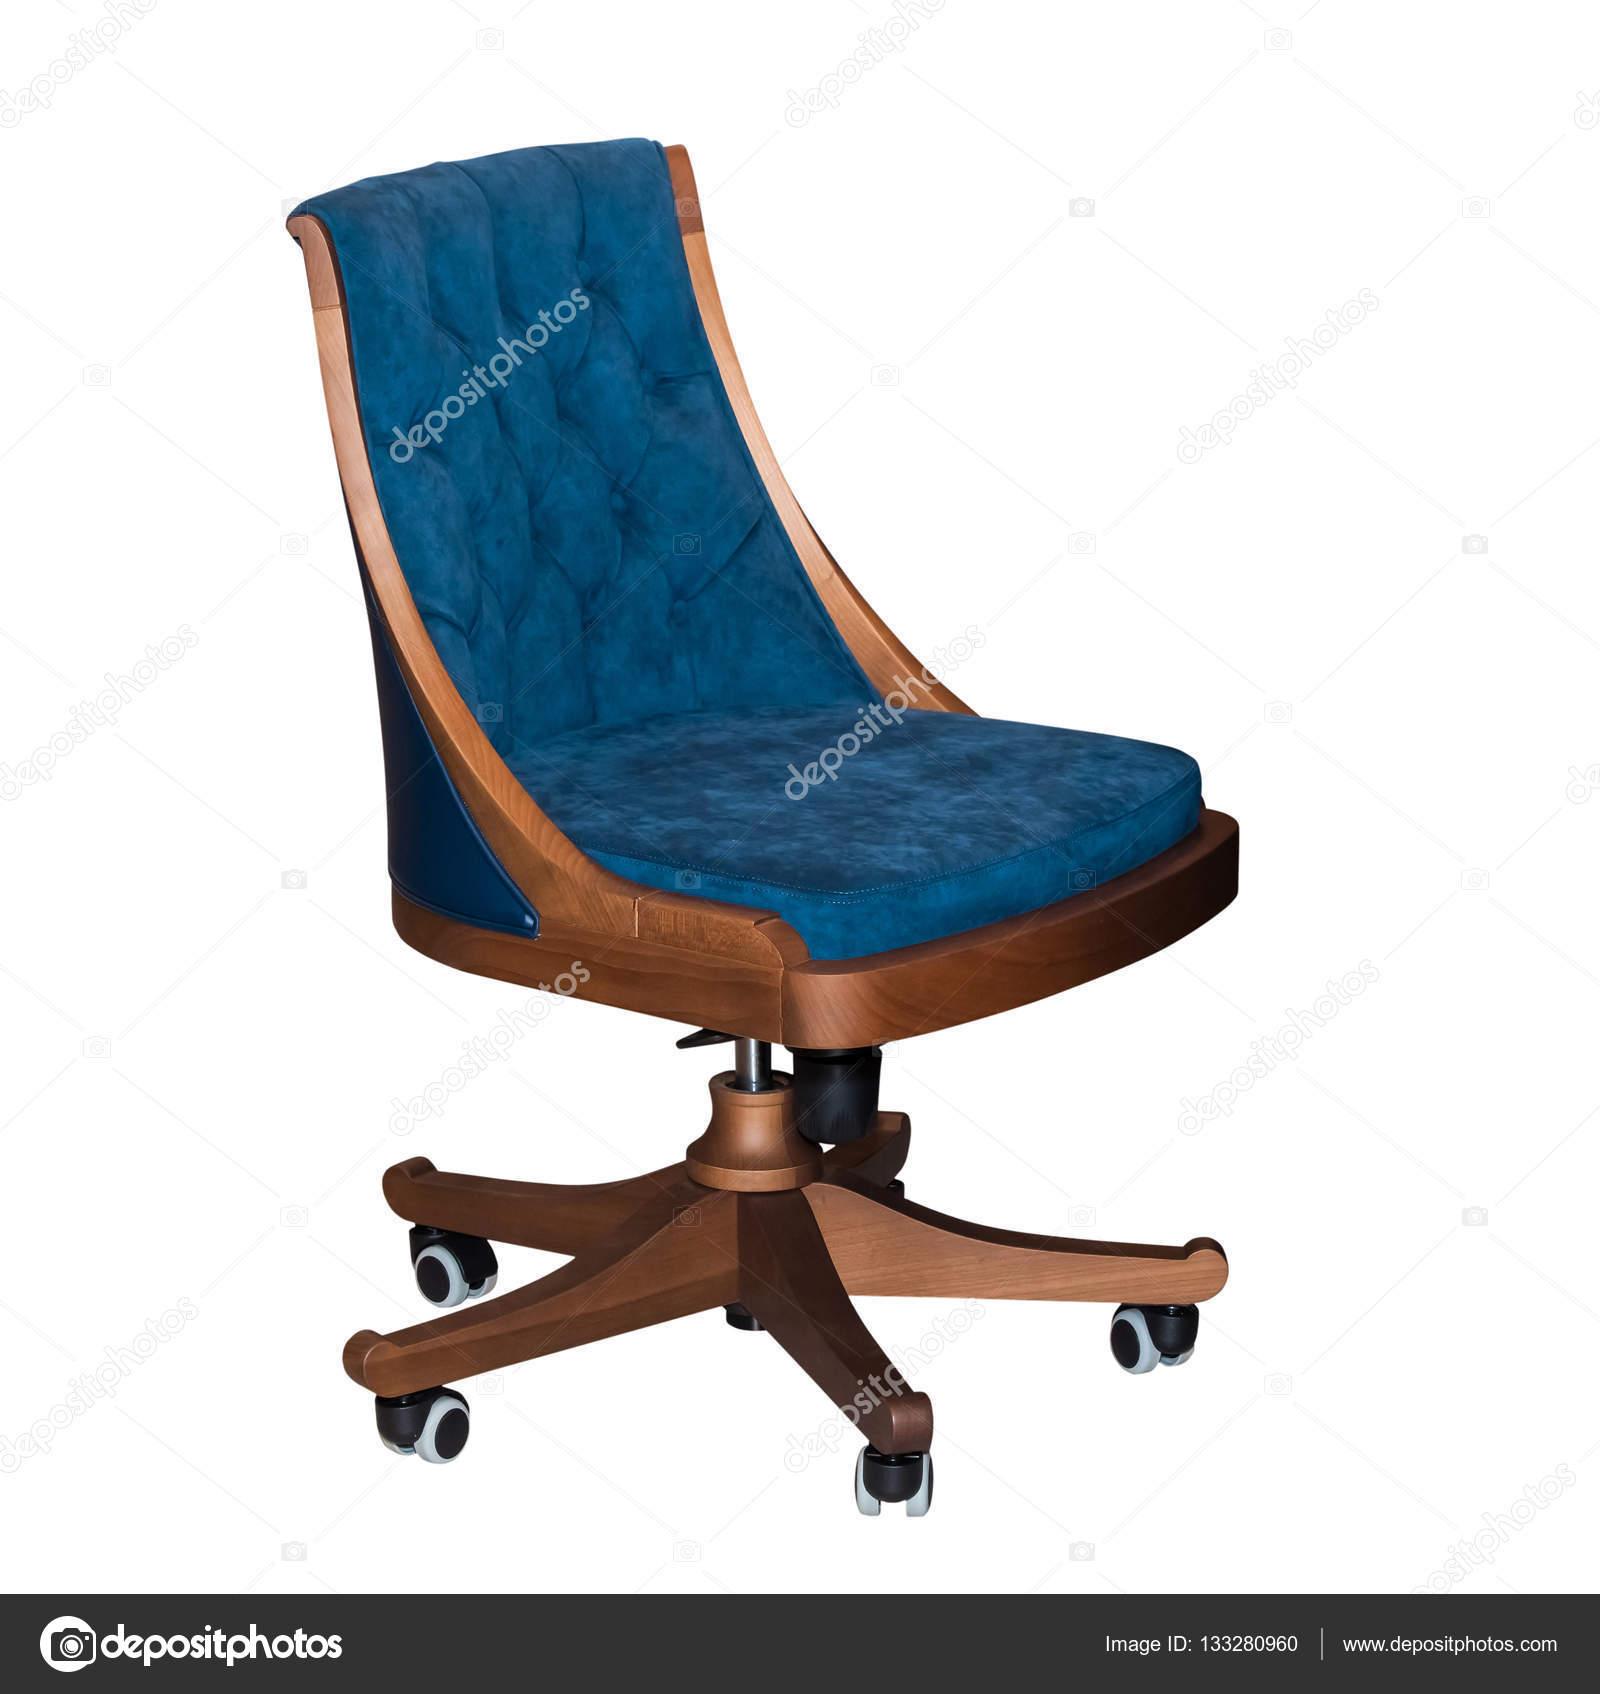 Chaise Bureau Bleu Tournante Moderne Isol Sur Fond Blanc Image De Prescott10